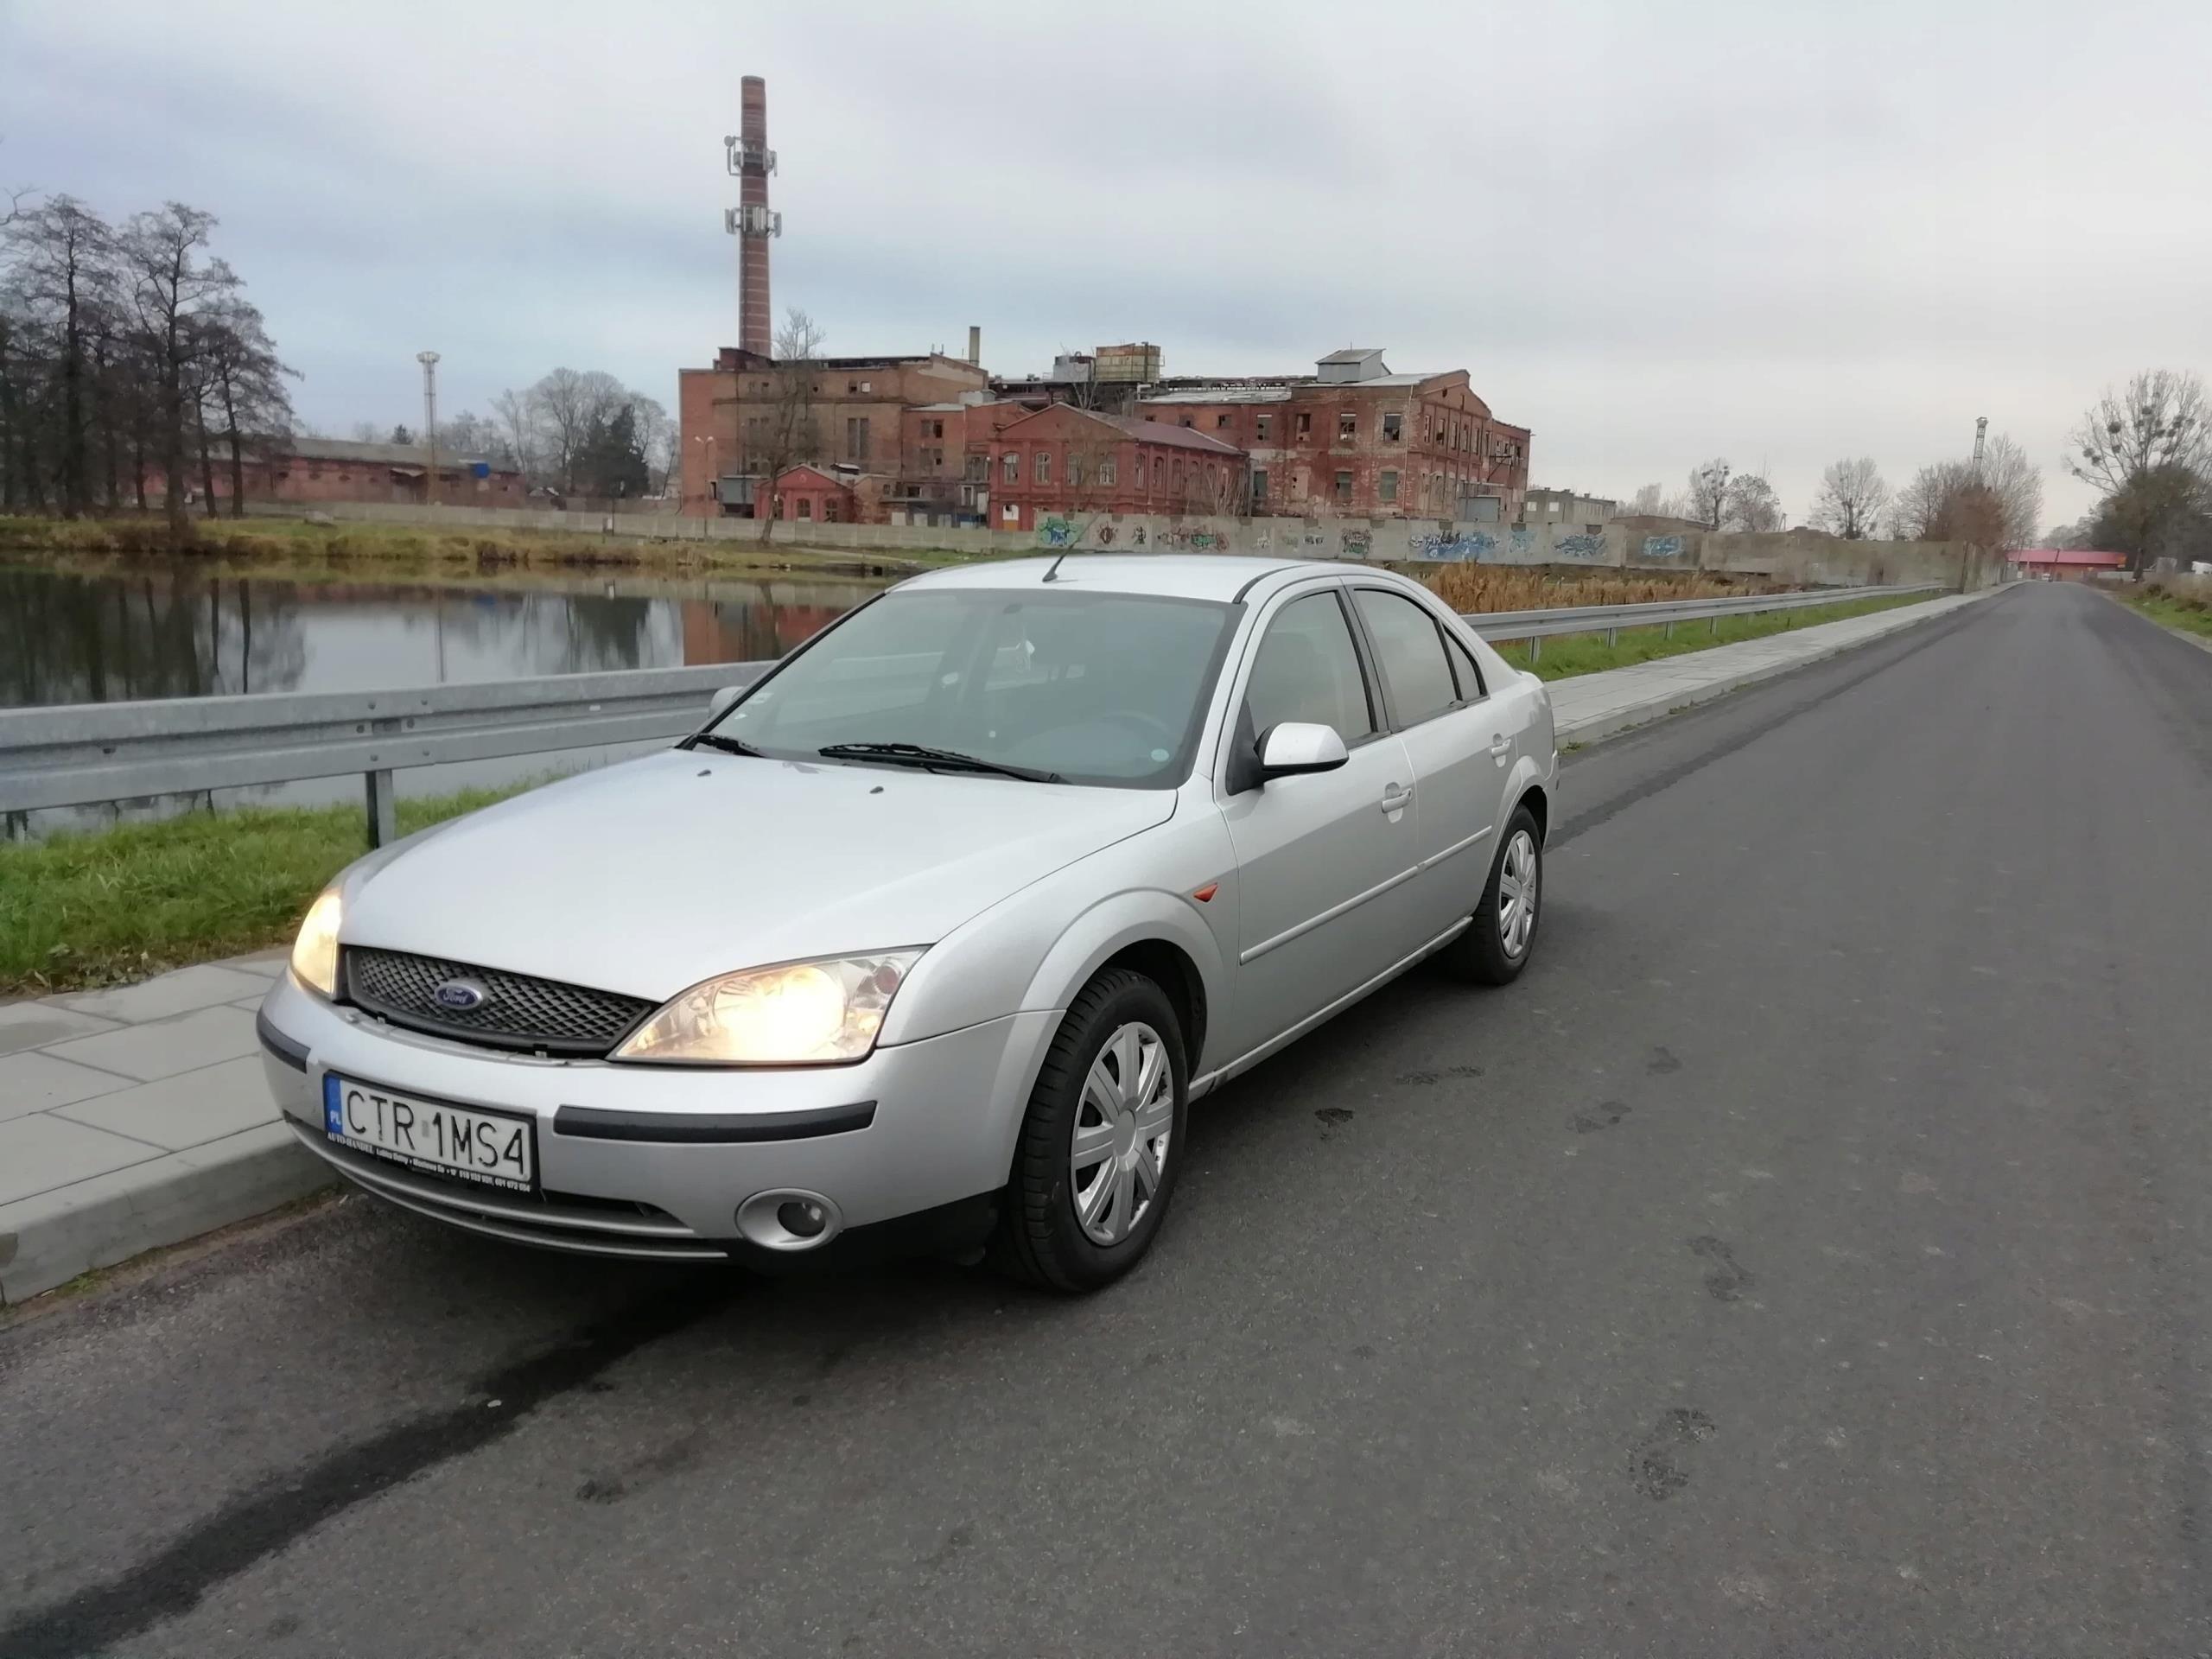 Ford Mondeo Mk3 20 Benzyna Lpg Okazja 6400 Opinie I Ceny Na